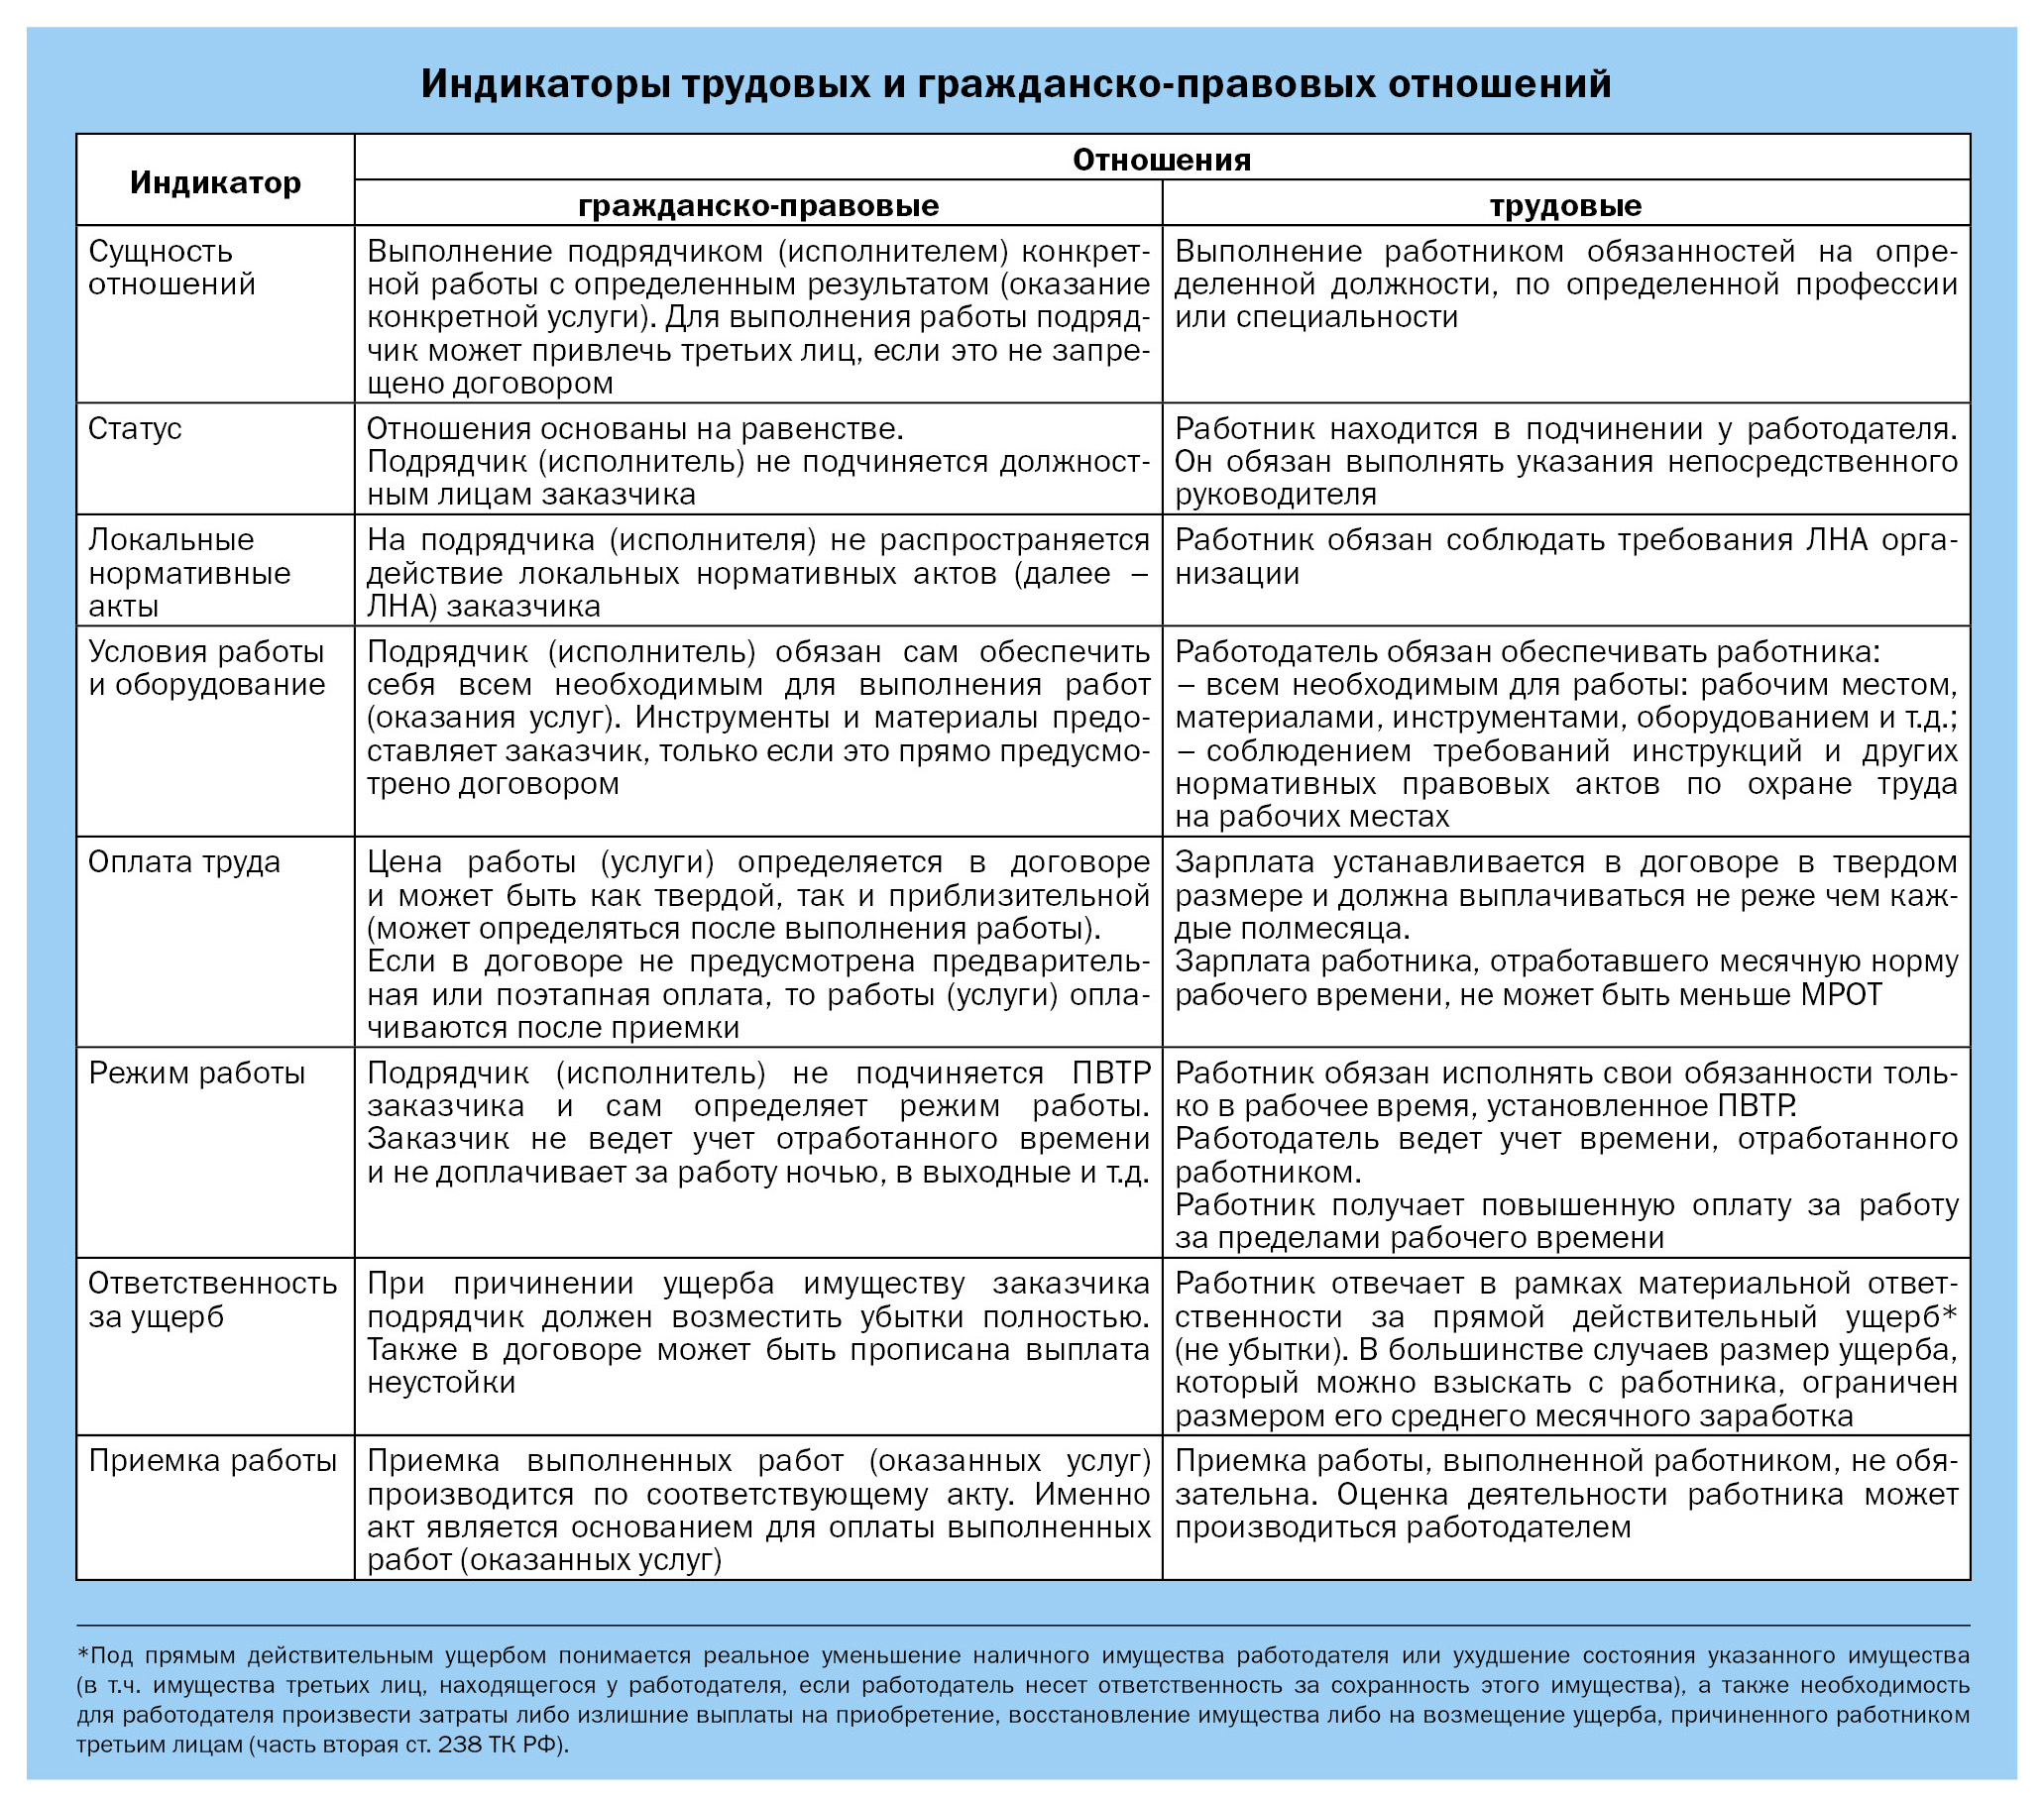 Как оформляется договор гпх - плюсы и минусы для работника